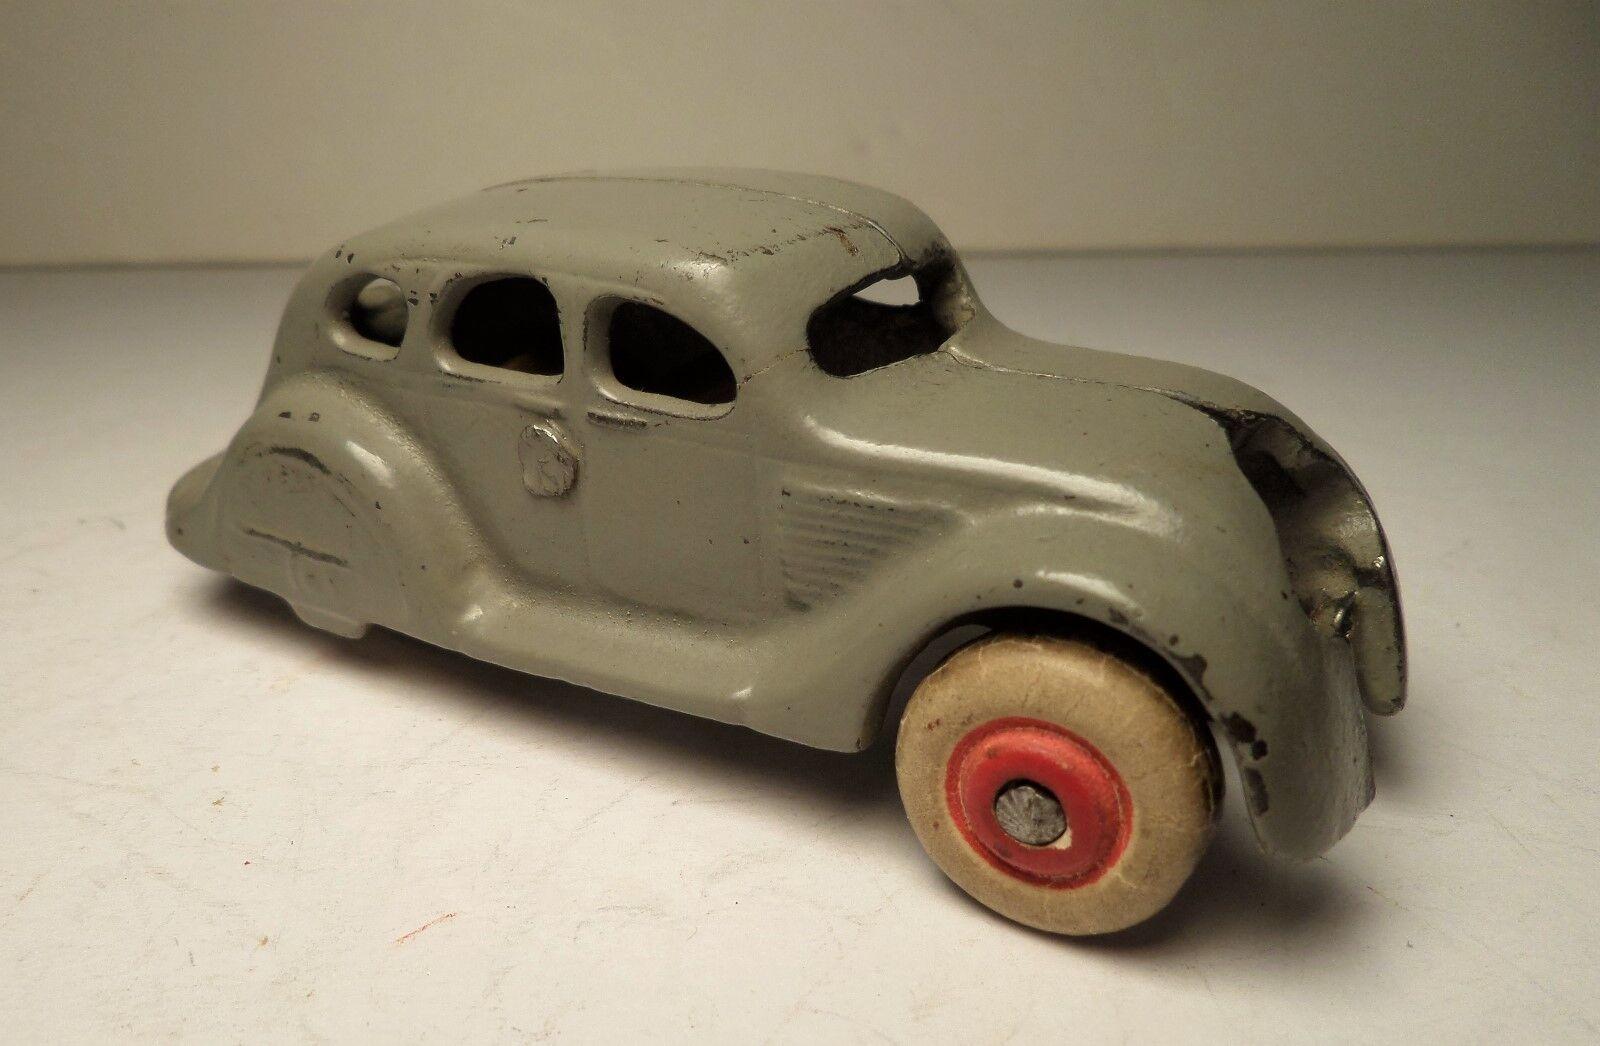 '37 ARCADE AIRFLOW DESOTO Gris SEDAN AUTHENTIC ORIG OLD CAST IRON